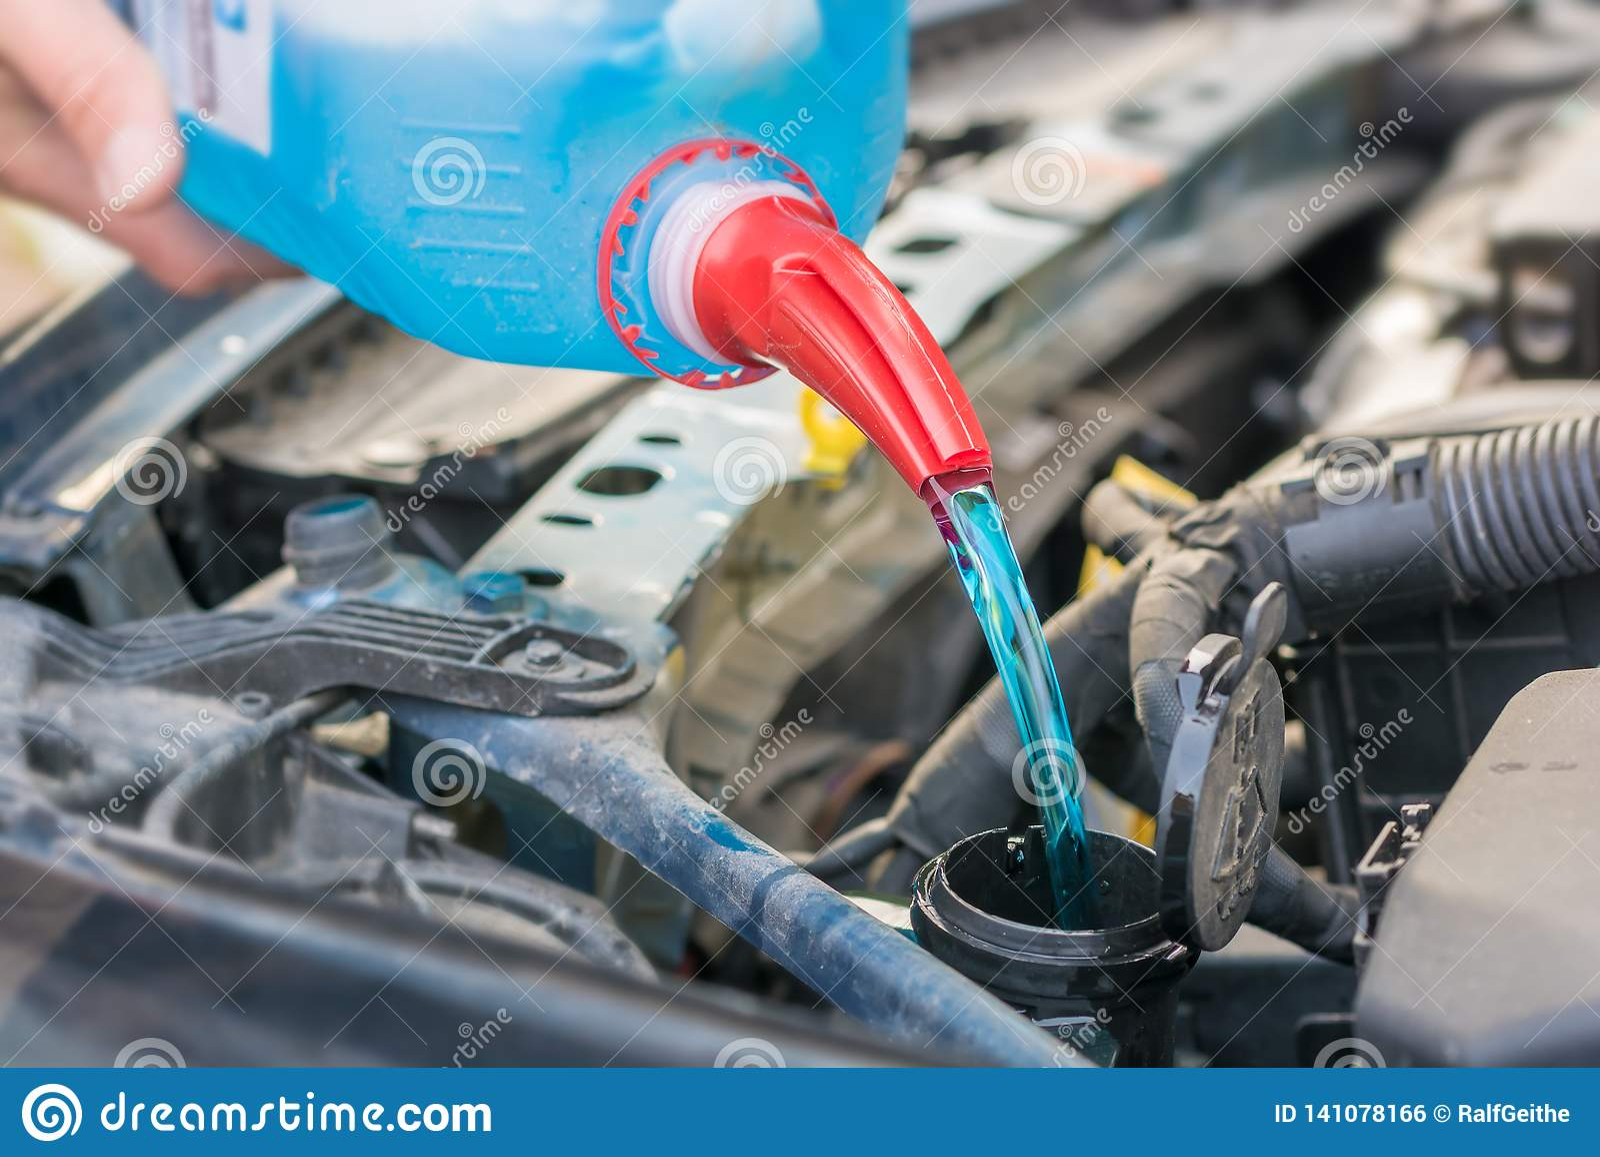 Enchendo o tanque de água com o anticongelante no compartimento de motor de um carro